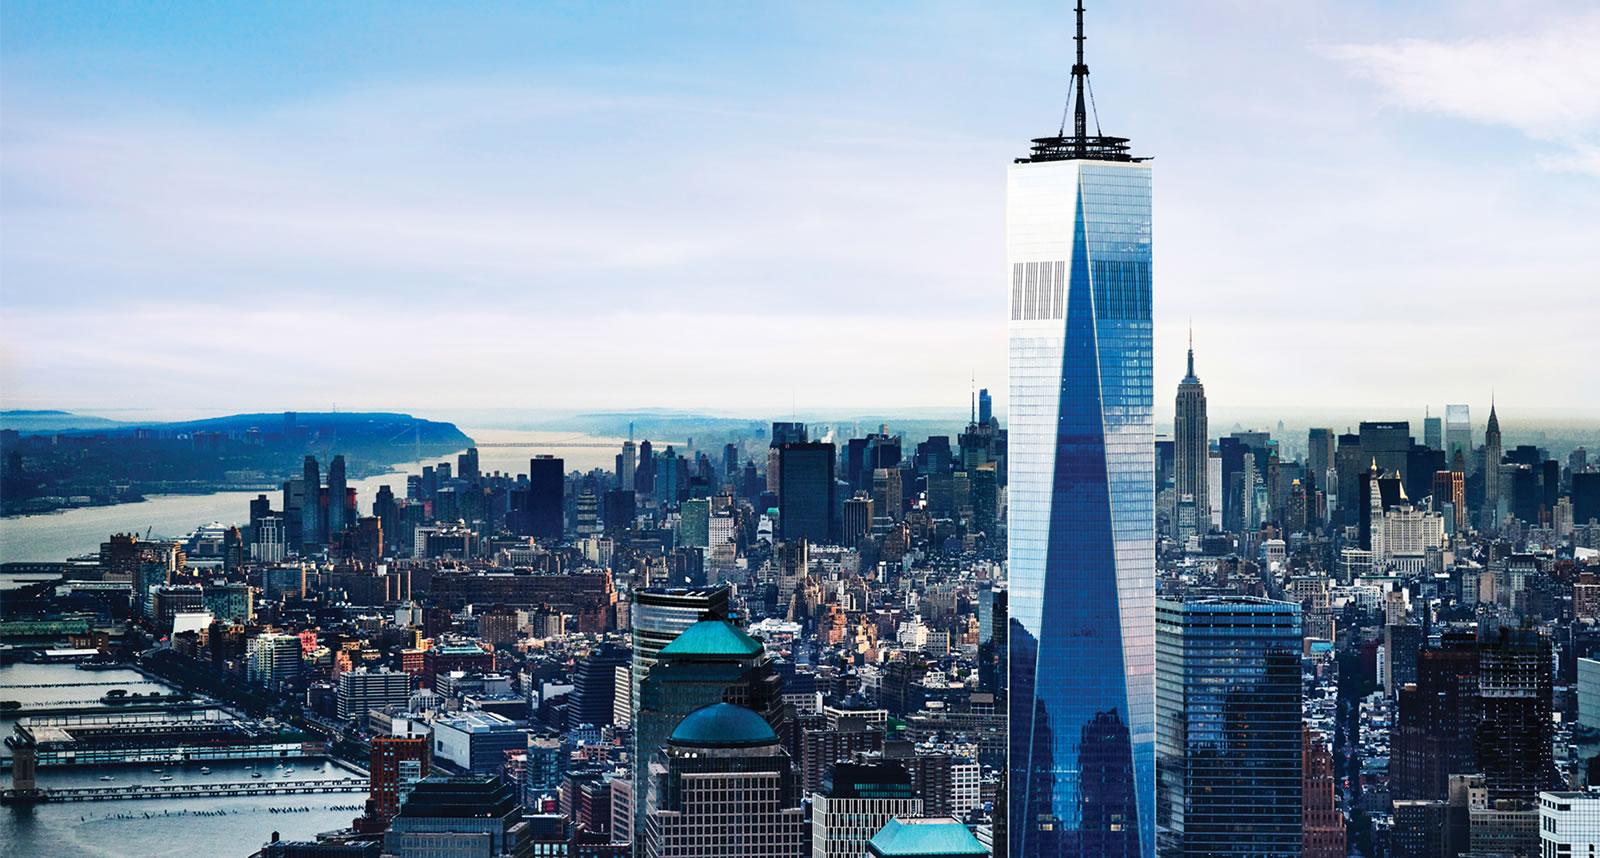 Le one World Observatory  vue panoramique sur les hauteurs de NYC